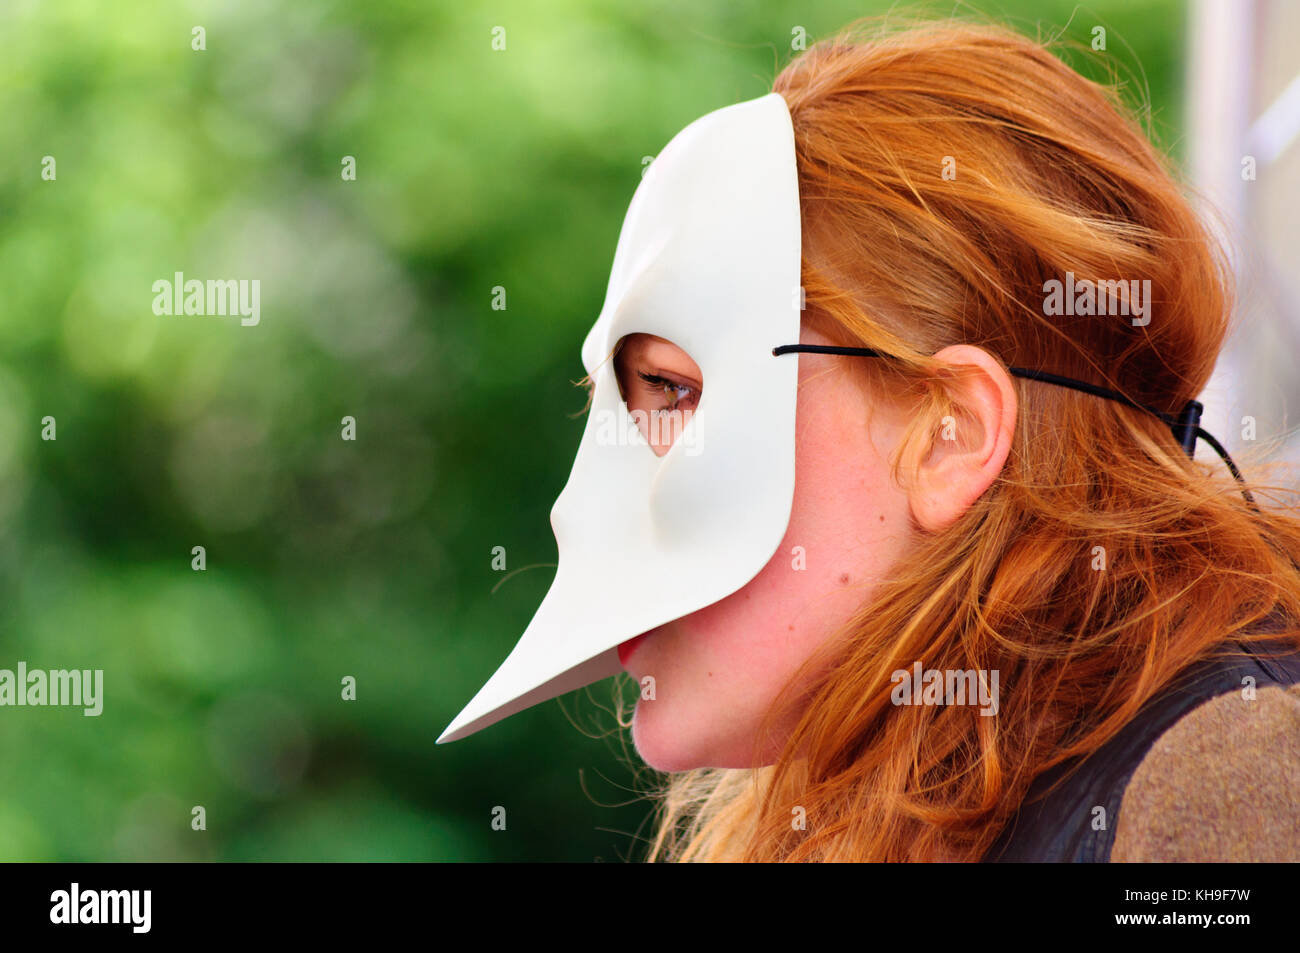 Primer plano de un ejecutante femenino con cabello rojo con una máscara en la Royal Mile durante el Fringe Festival internacional de Edimburgo Foto de stock